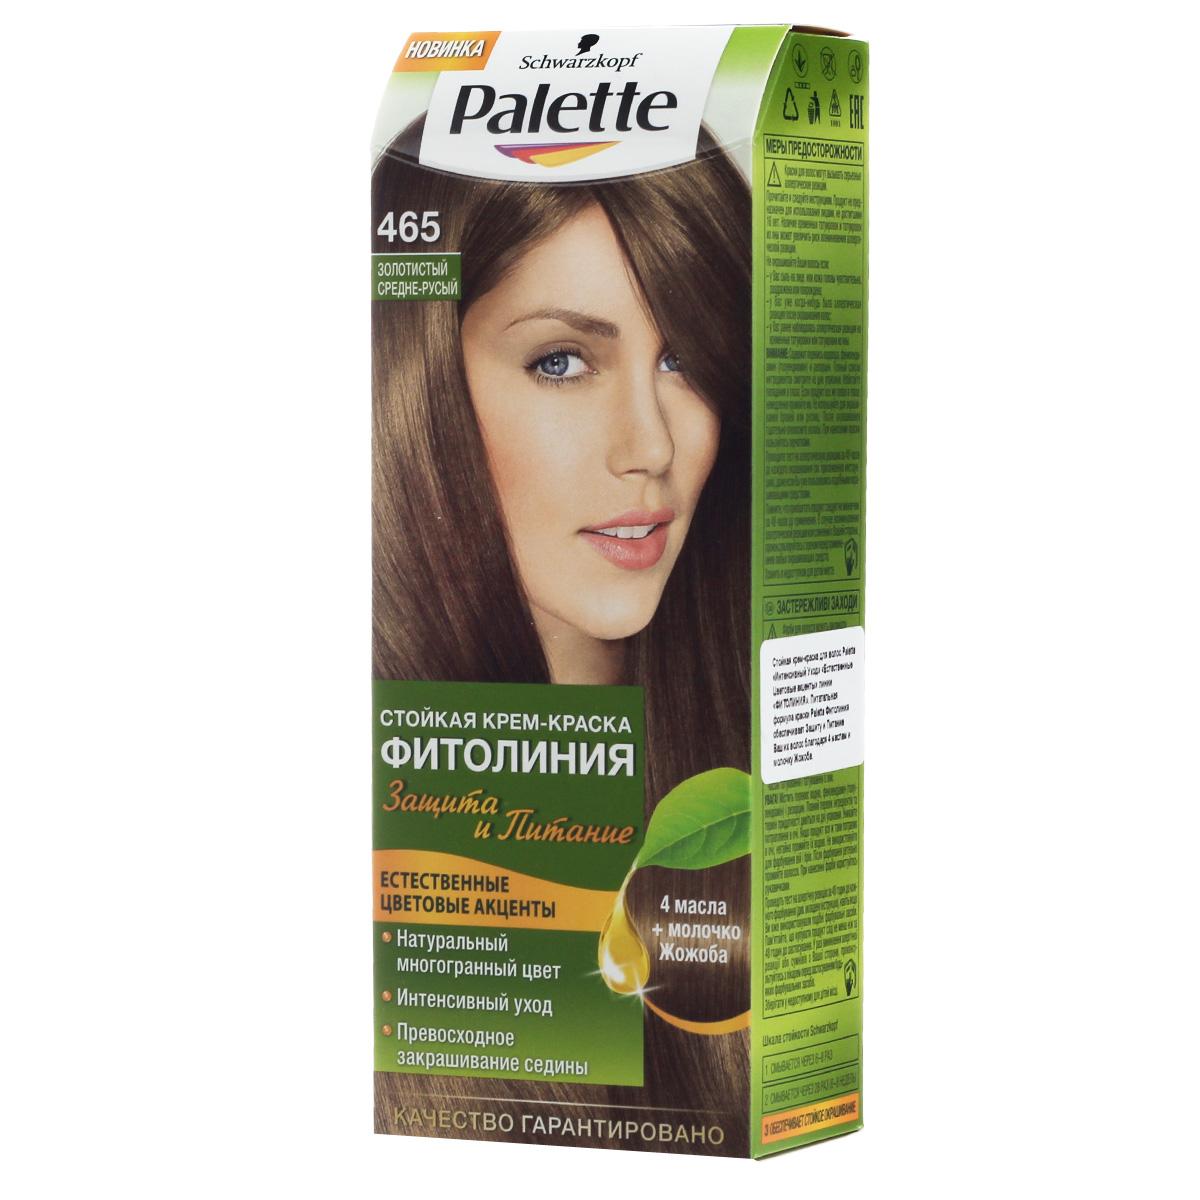 PALETTE Краска для волос ФИТОЛИНИЯ оттенок 465 Золотистый средне-русый, 110 мл9352542Откройте для себя стойкую крем-краску для волос Palette Фитолиния, обогащенную Маслом Арганы. Роскошный натуральный многогранный оттенок специально для Ваших волос.